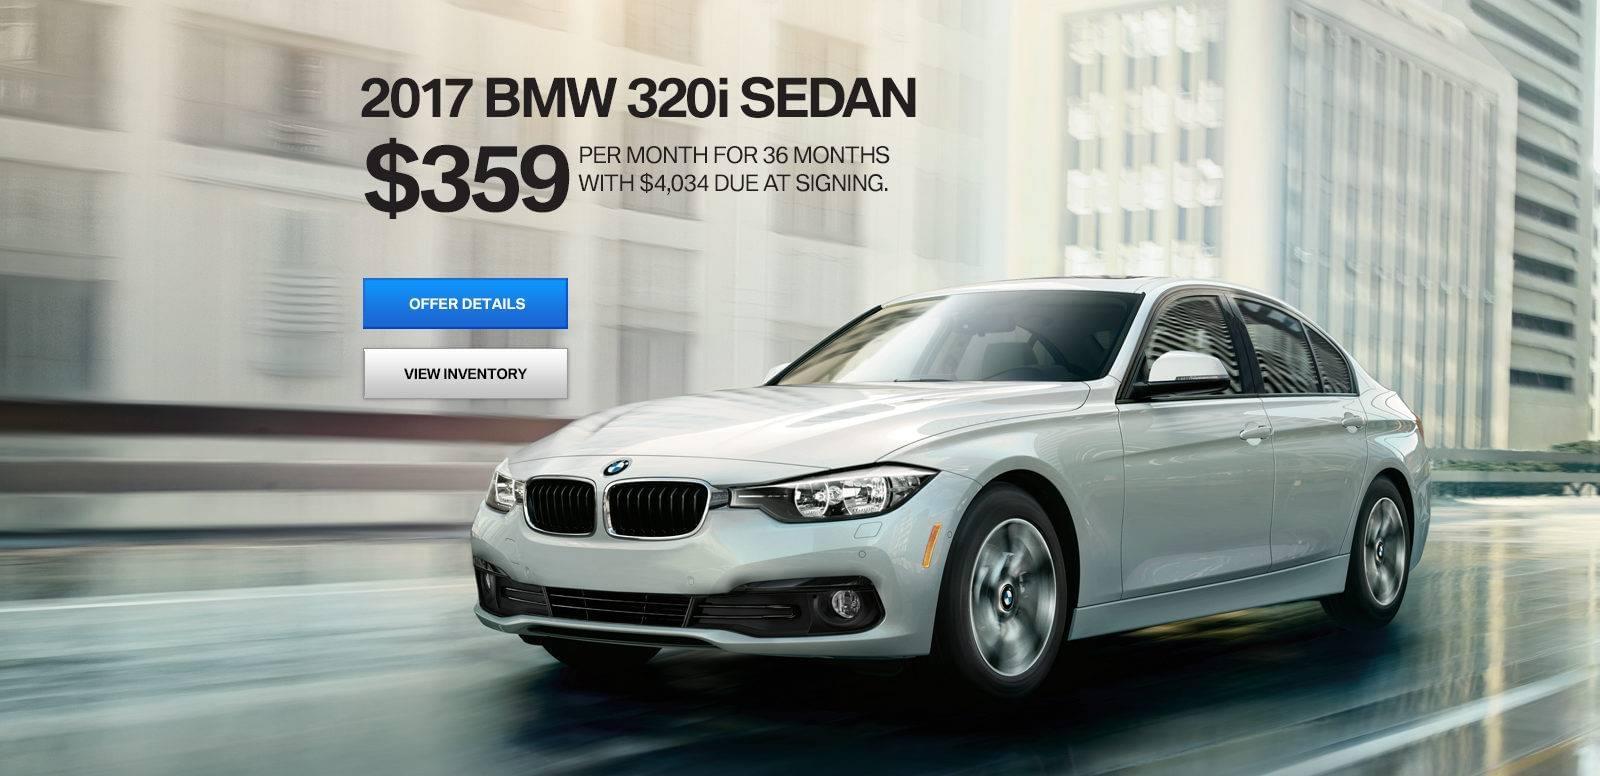 2017_320i_Sedan_1900x776